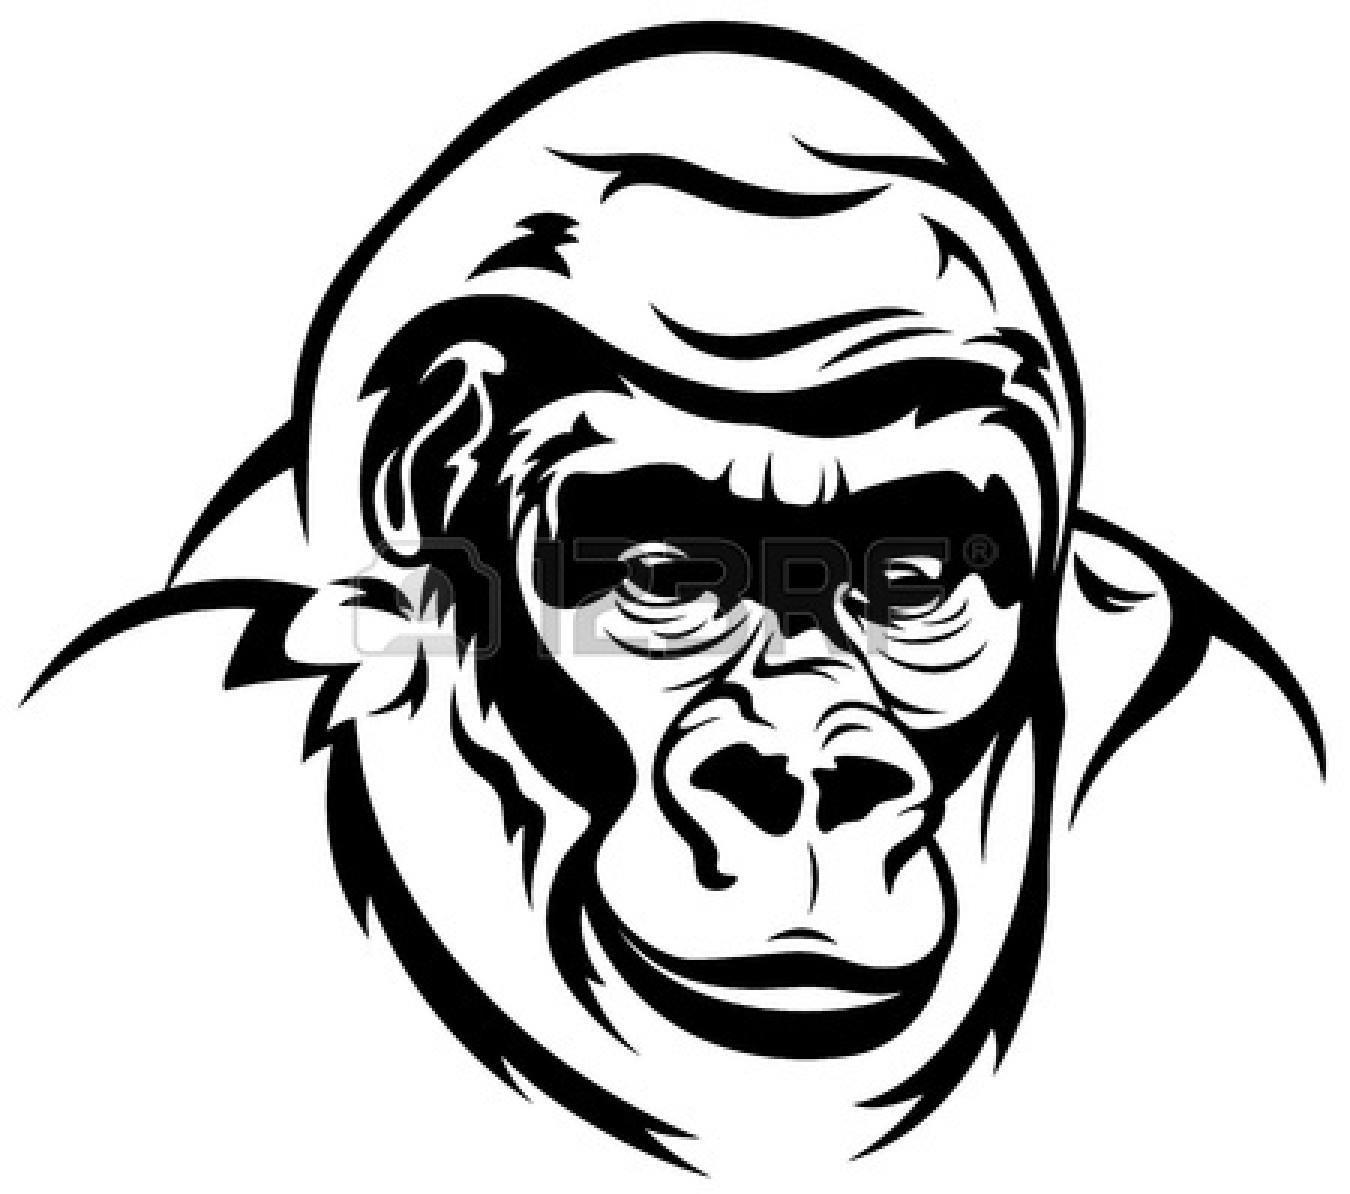 gorilla%20clipart%20black%20and%20white